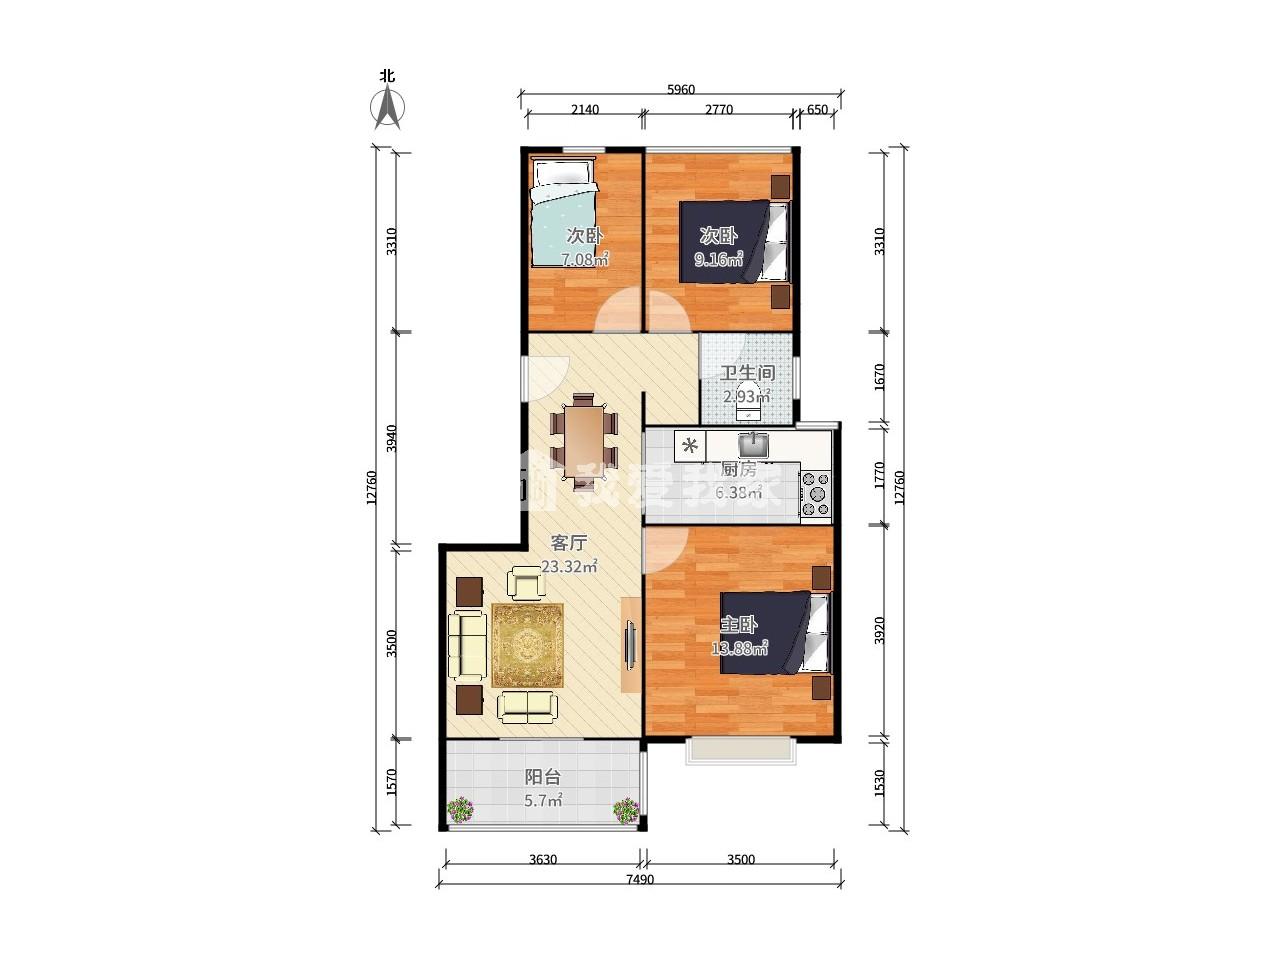 玄武区樱驼花园奥克斯钟山府3室2厅户型图